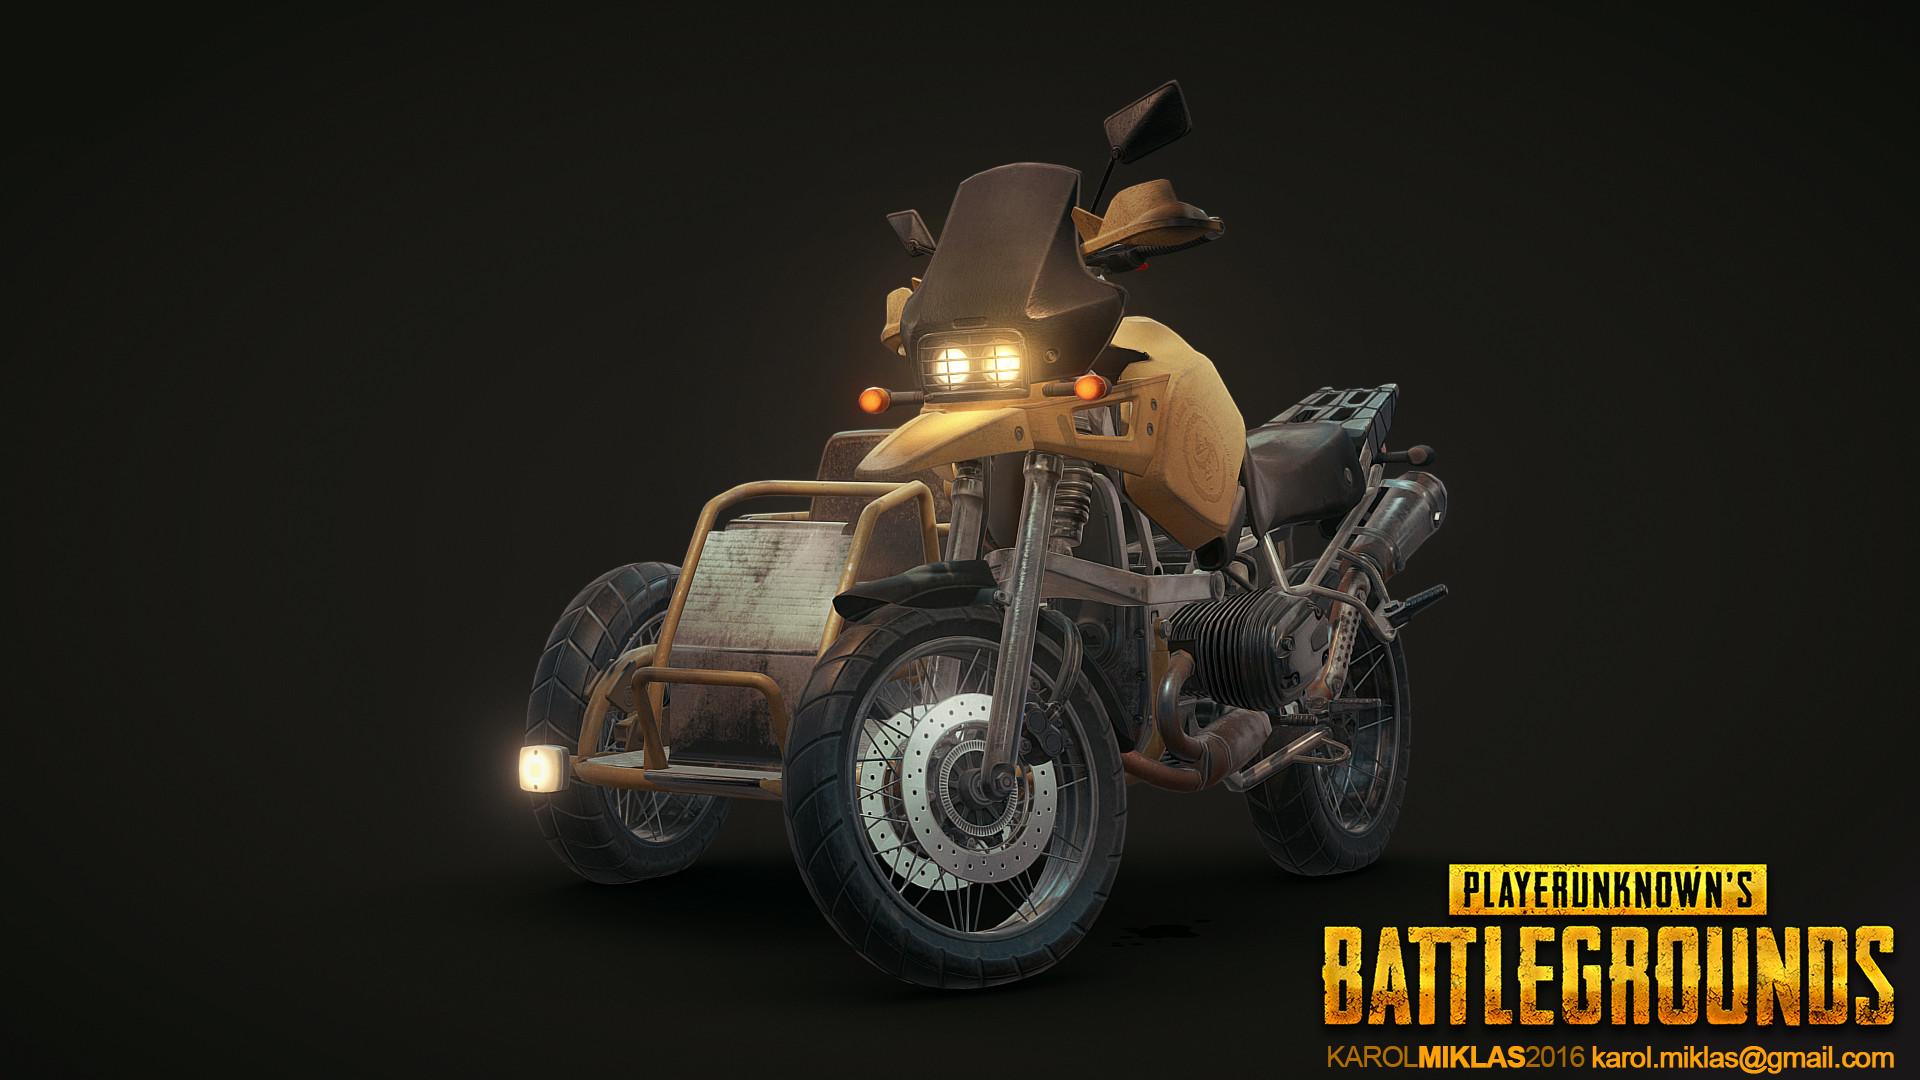 PlayerUnknown's Battlegrounds HD Wallpaper